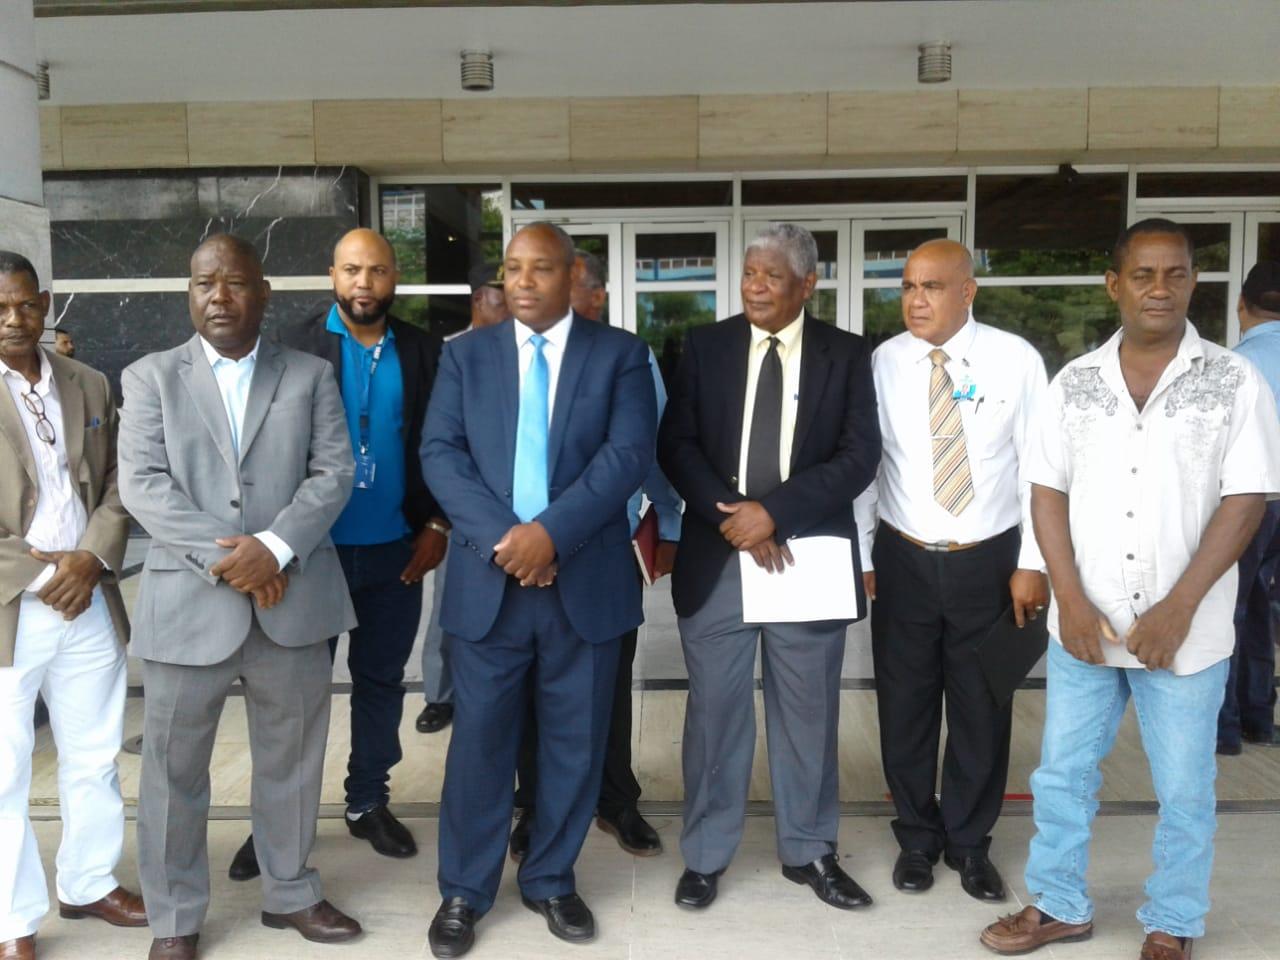 Representante de DDHH pide se investigue dirección de PN en La Romana